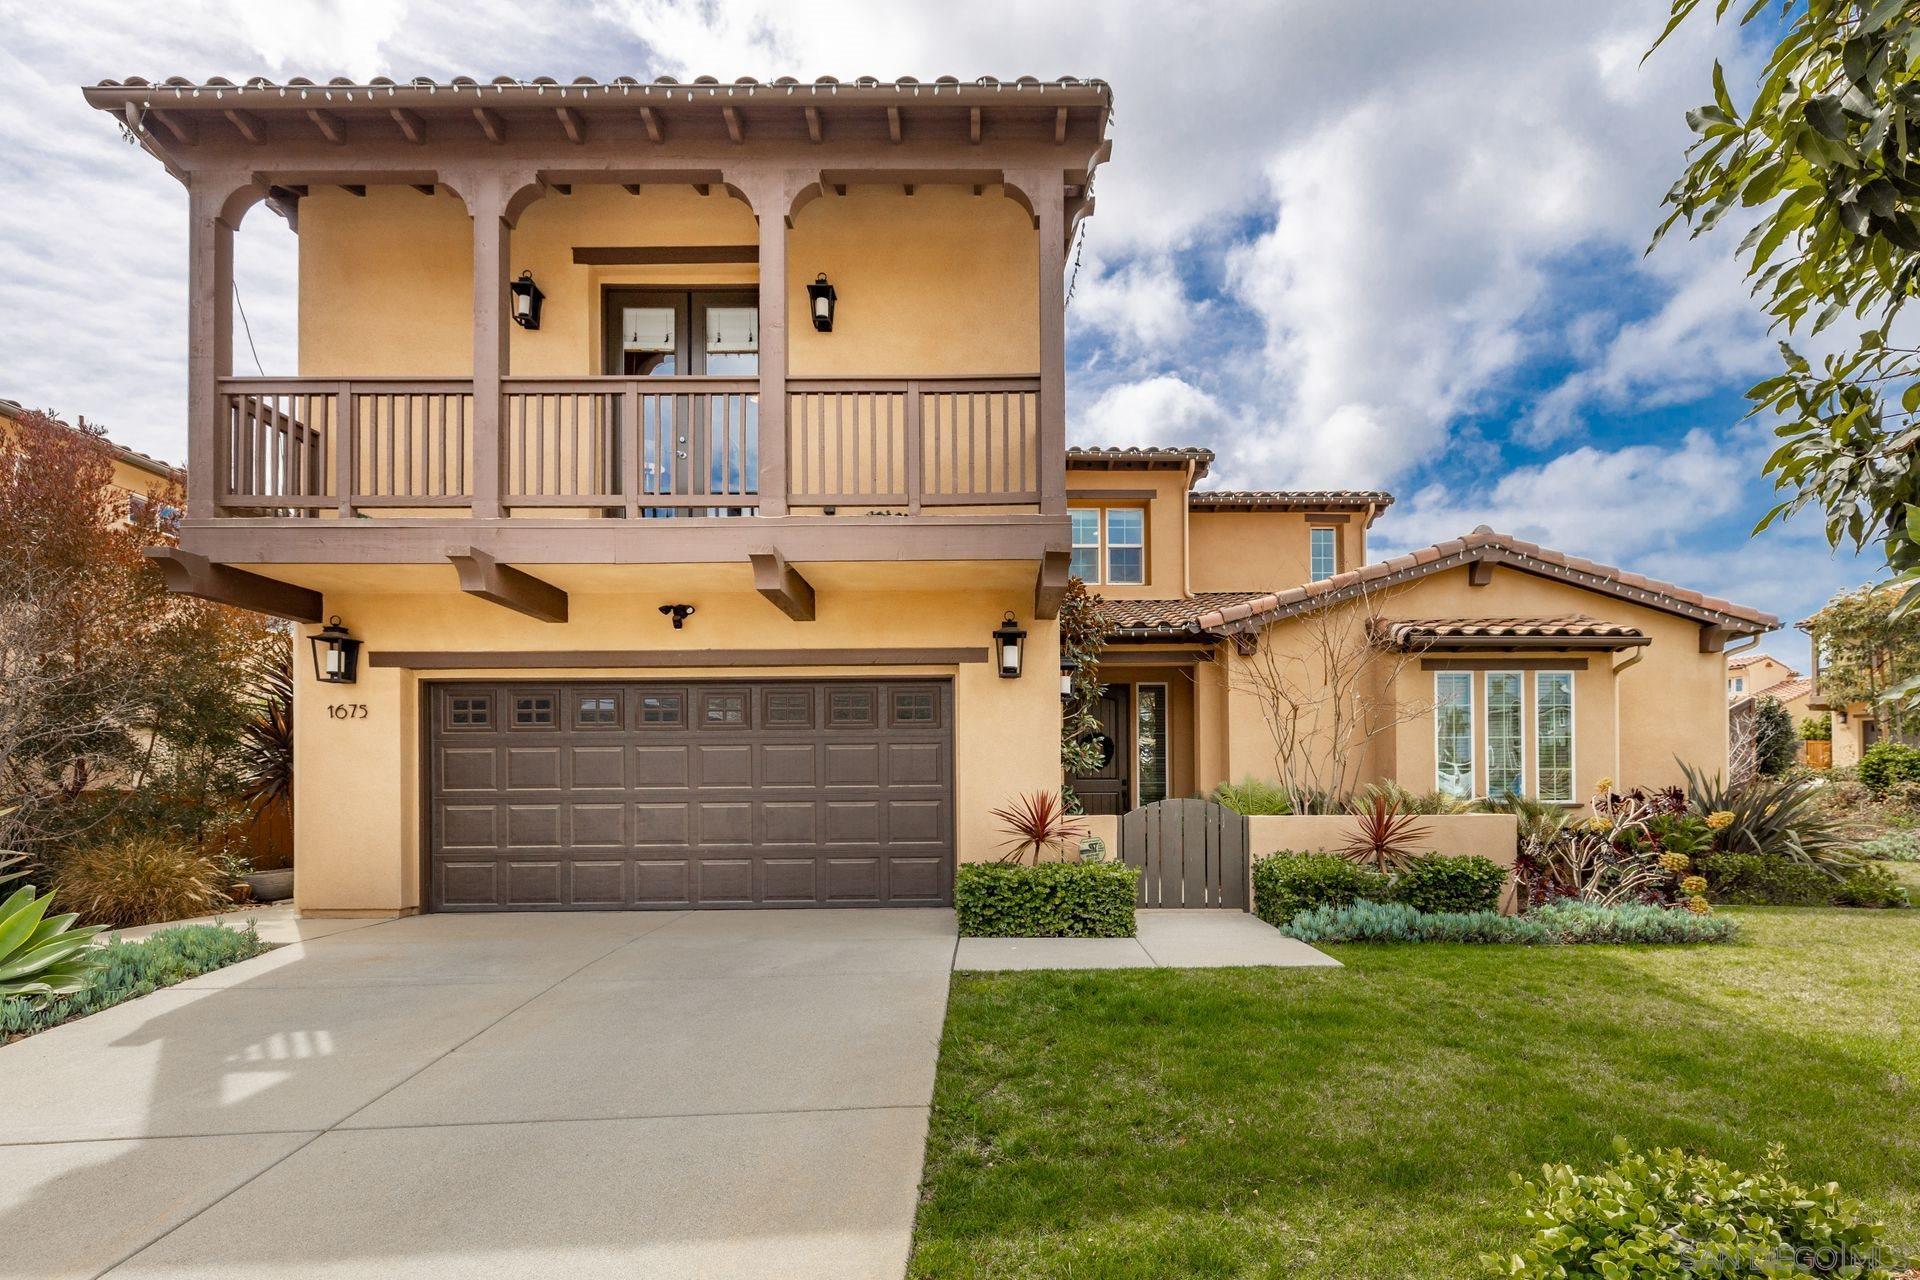 Photo of 1675 Buena Vista Way, Carlsbad, CA 92008